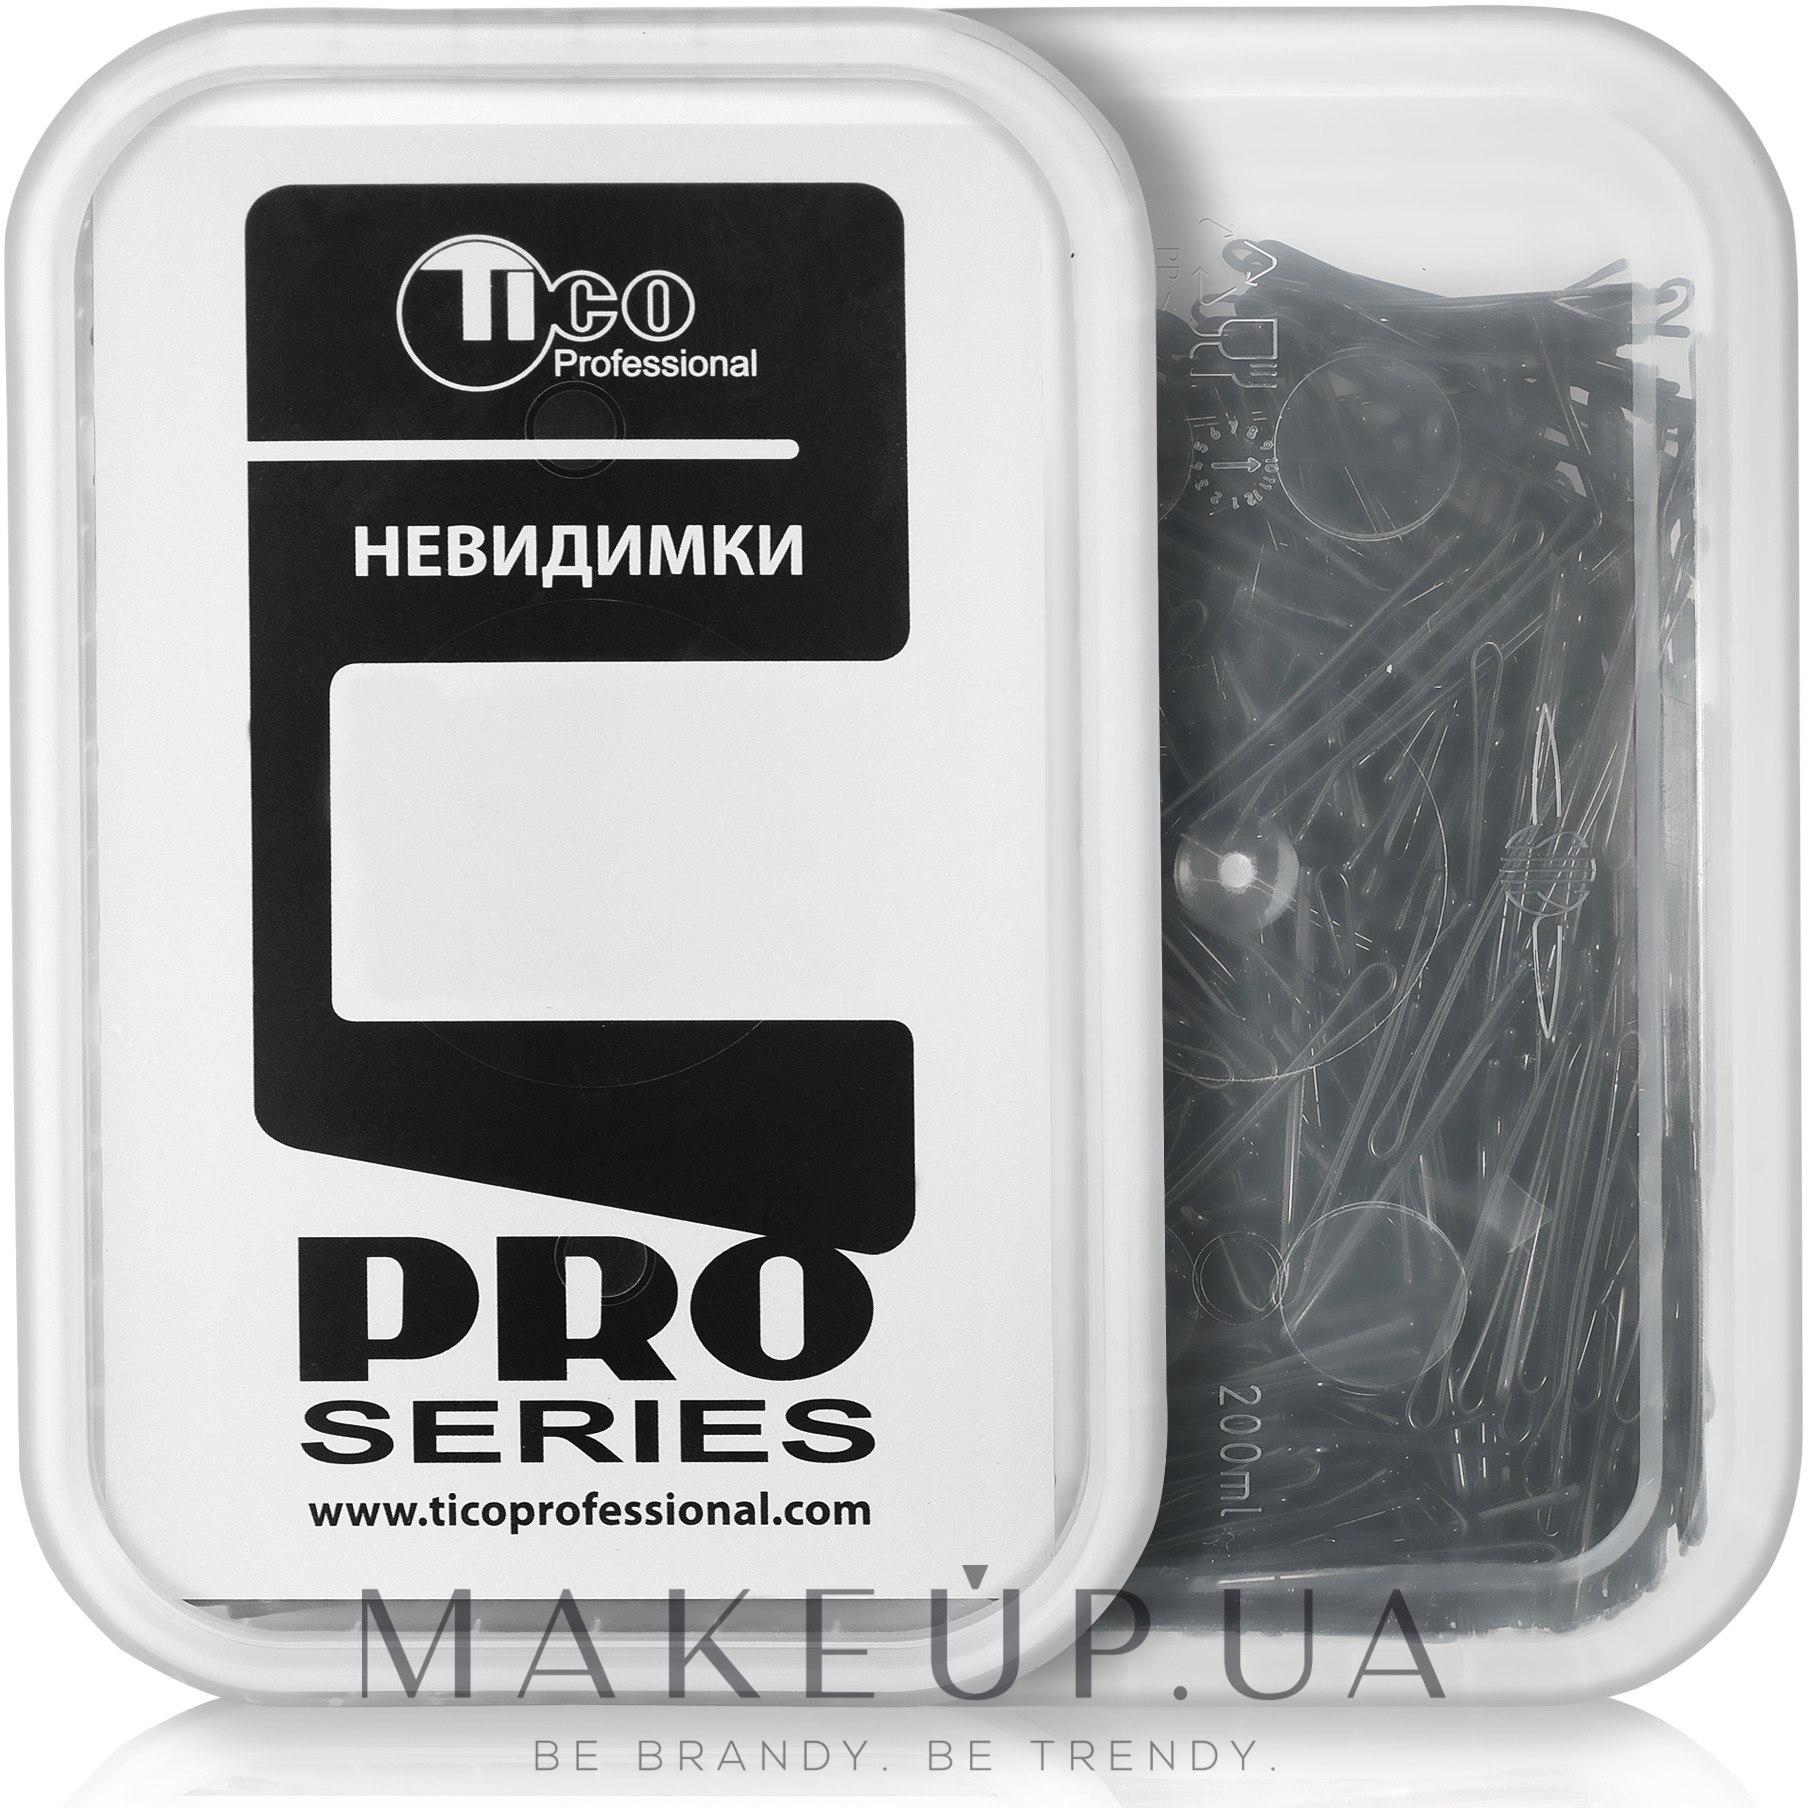 Невидимки для волос ровные, 40мм, черные - Tico Professional — фото 200g